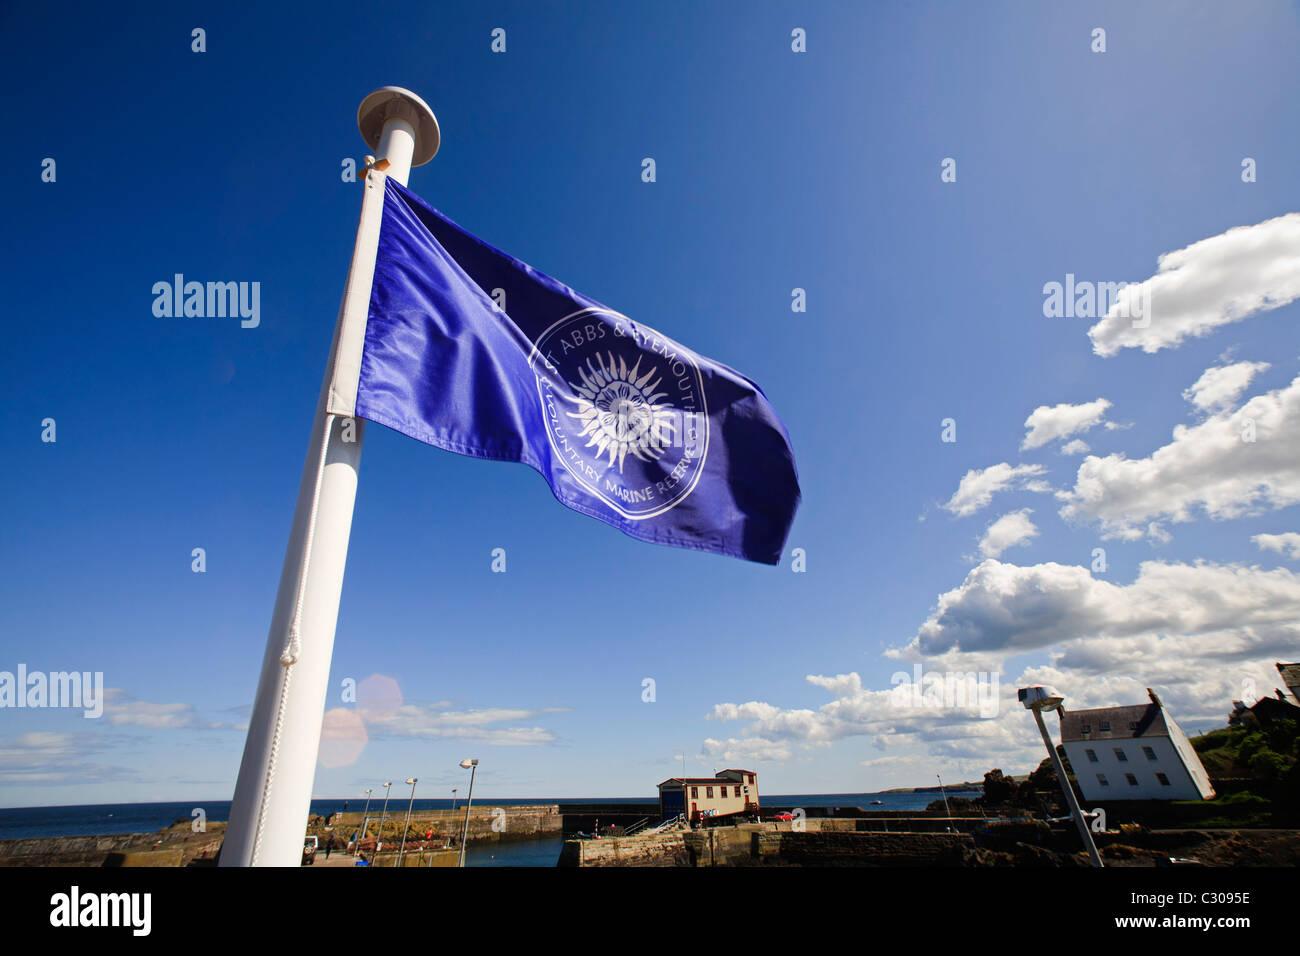 Die Flagge von St. Abbs und Eyemouth freiwillige Marine Reserve flattert im Wind im Hafen von St. Abbs, Berwickshire. Stockbild